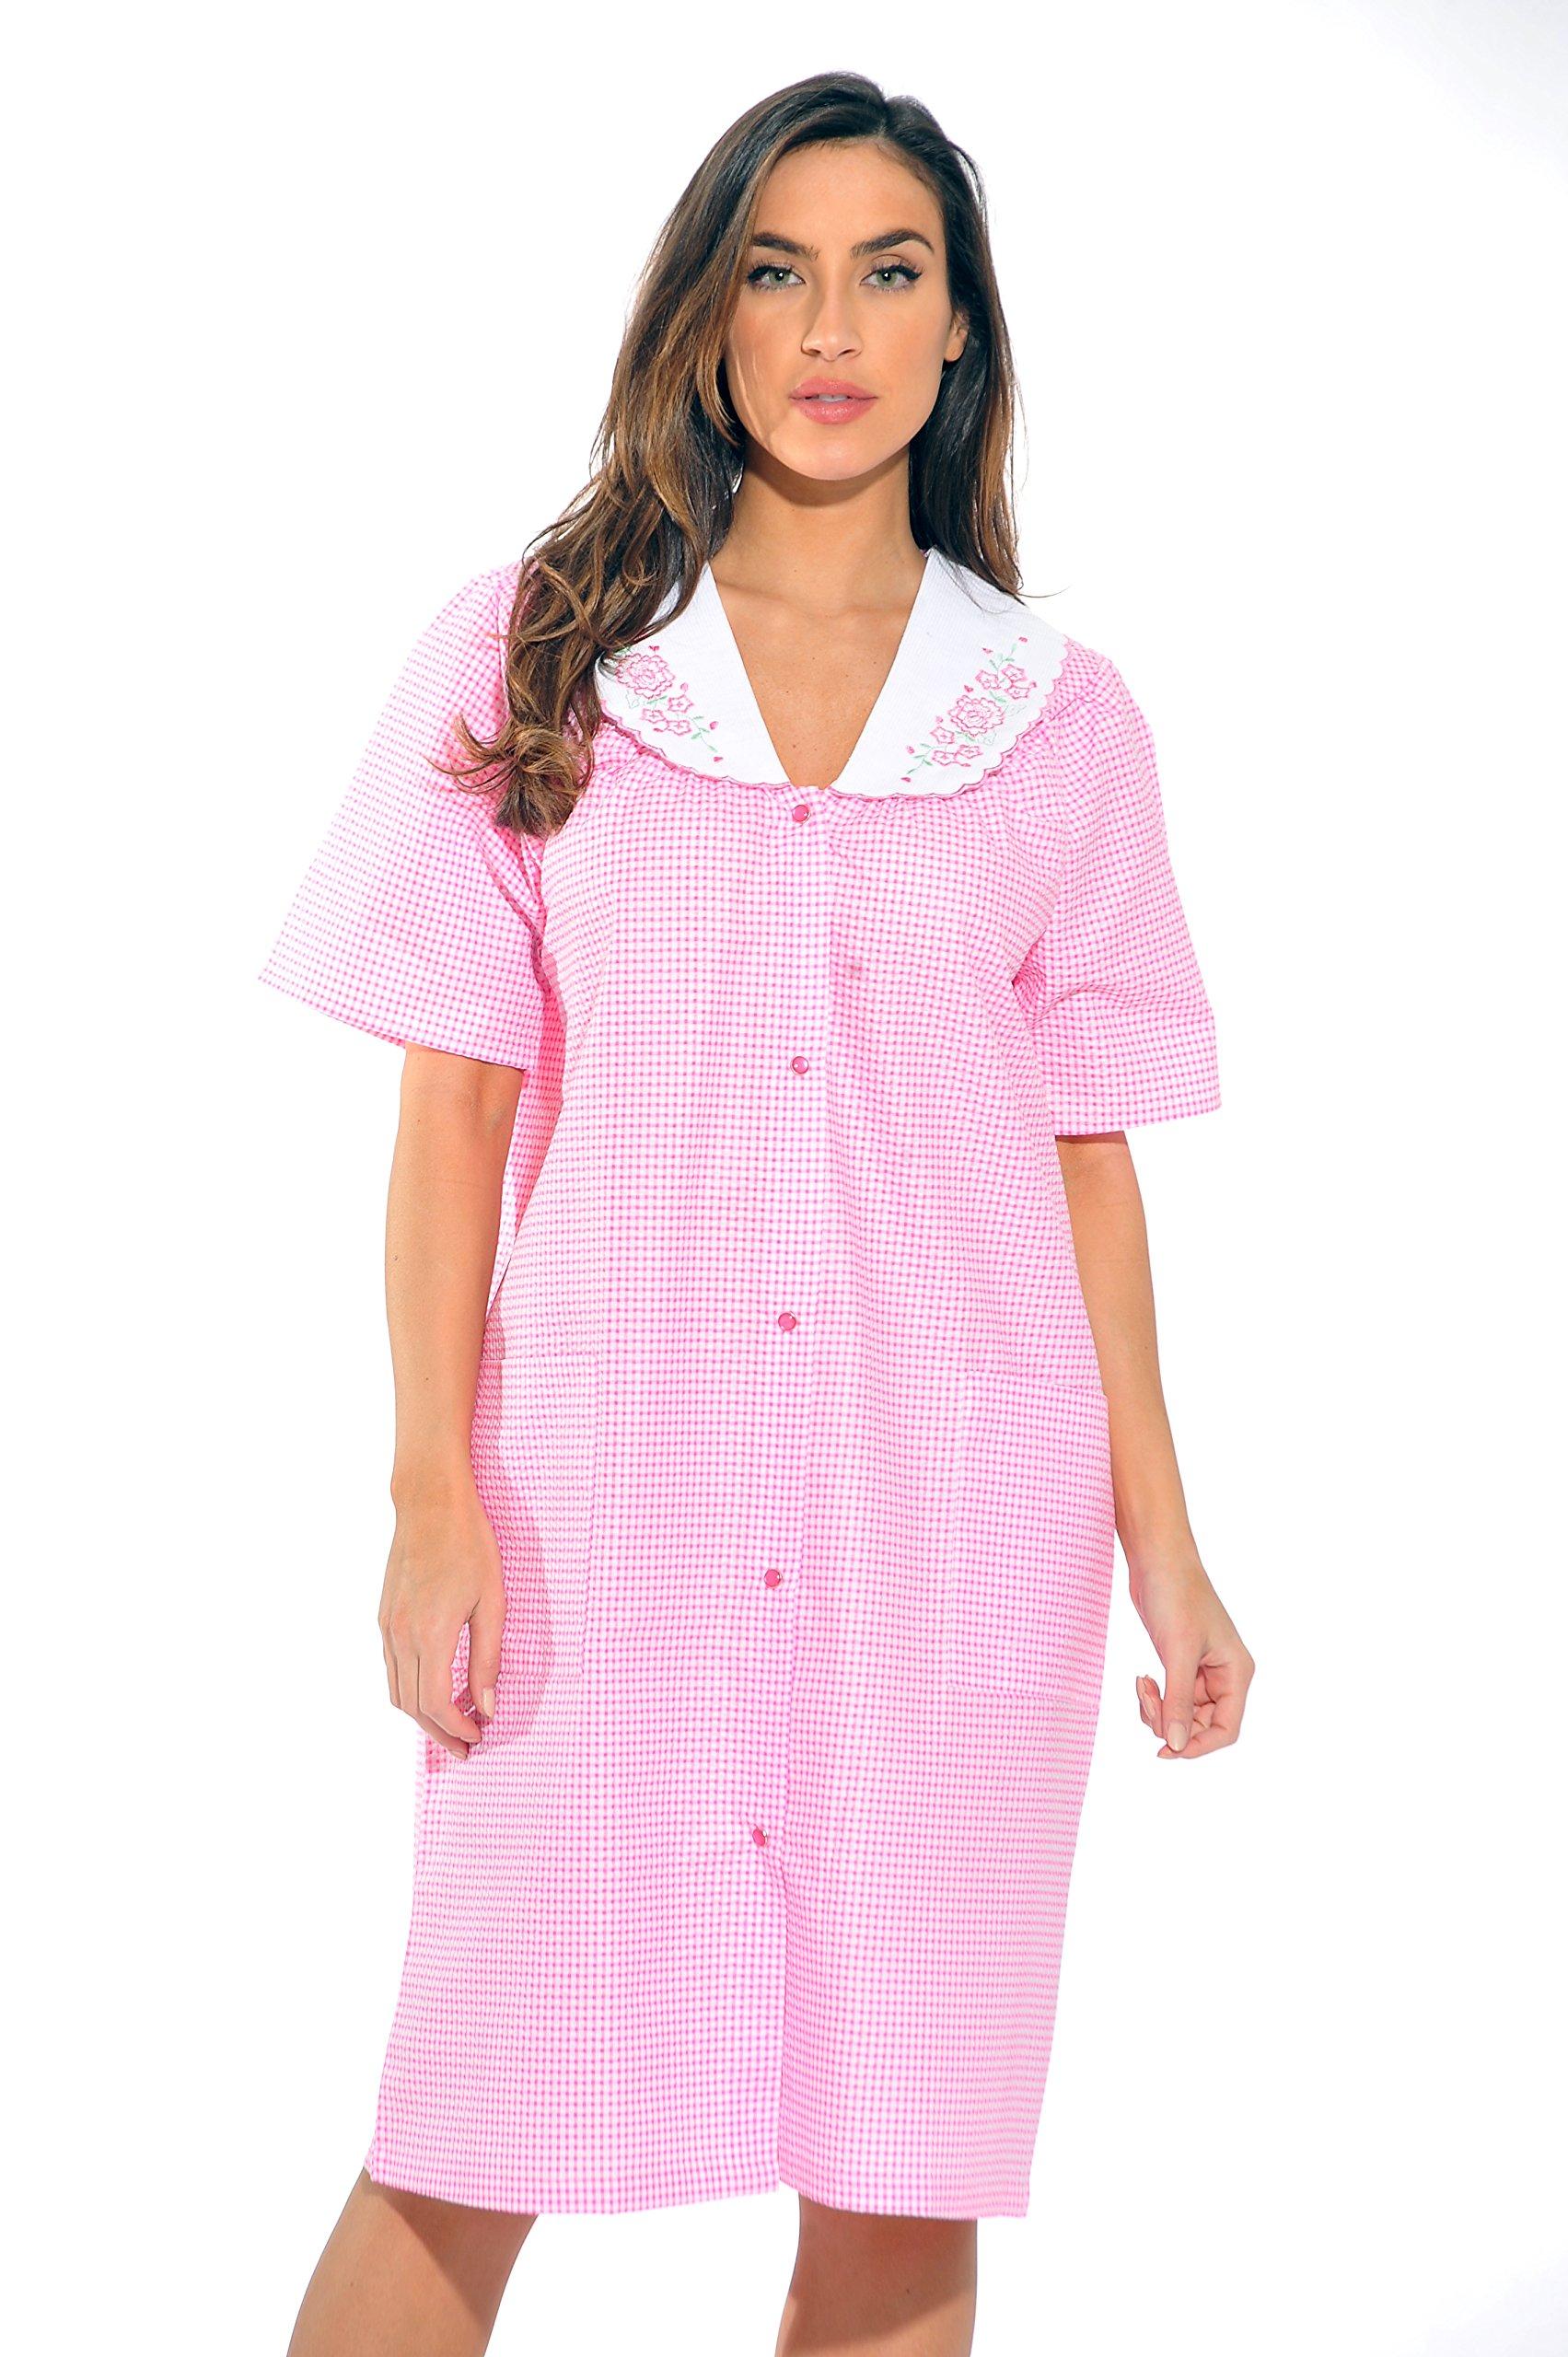 8511-Pink Throttle-L Dreamcrest Short Sleeve Duster/Housecoat / Women Sleepwear